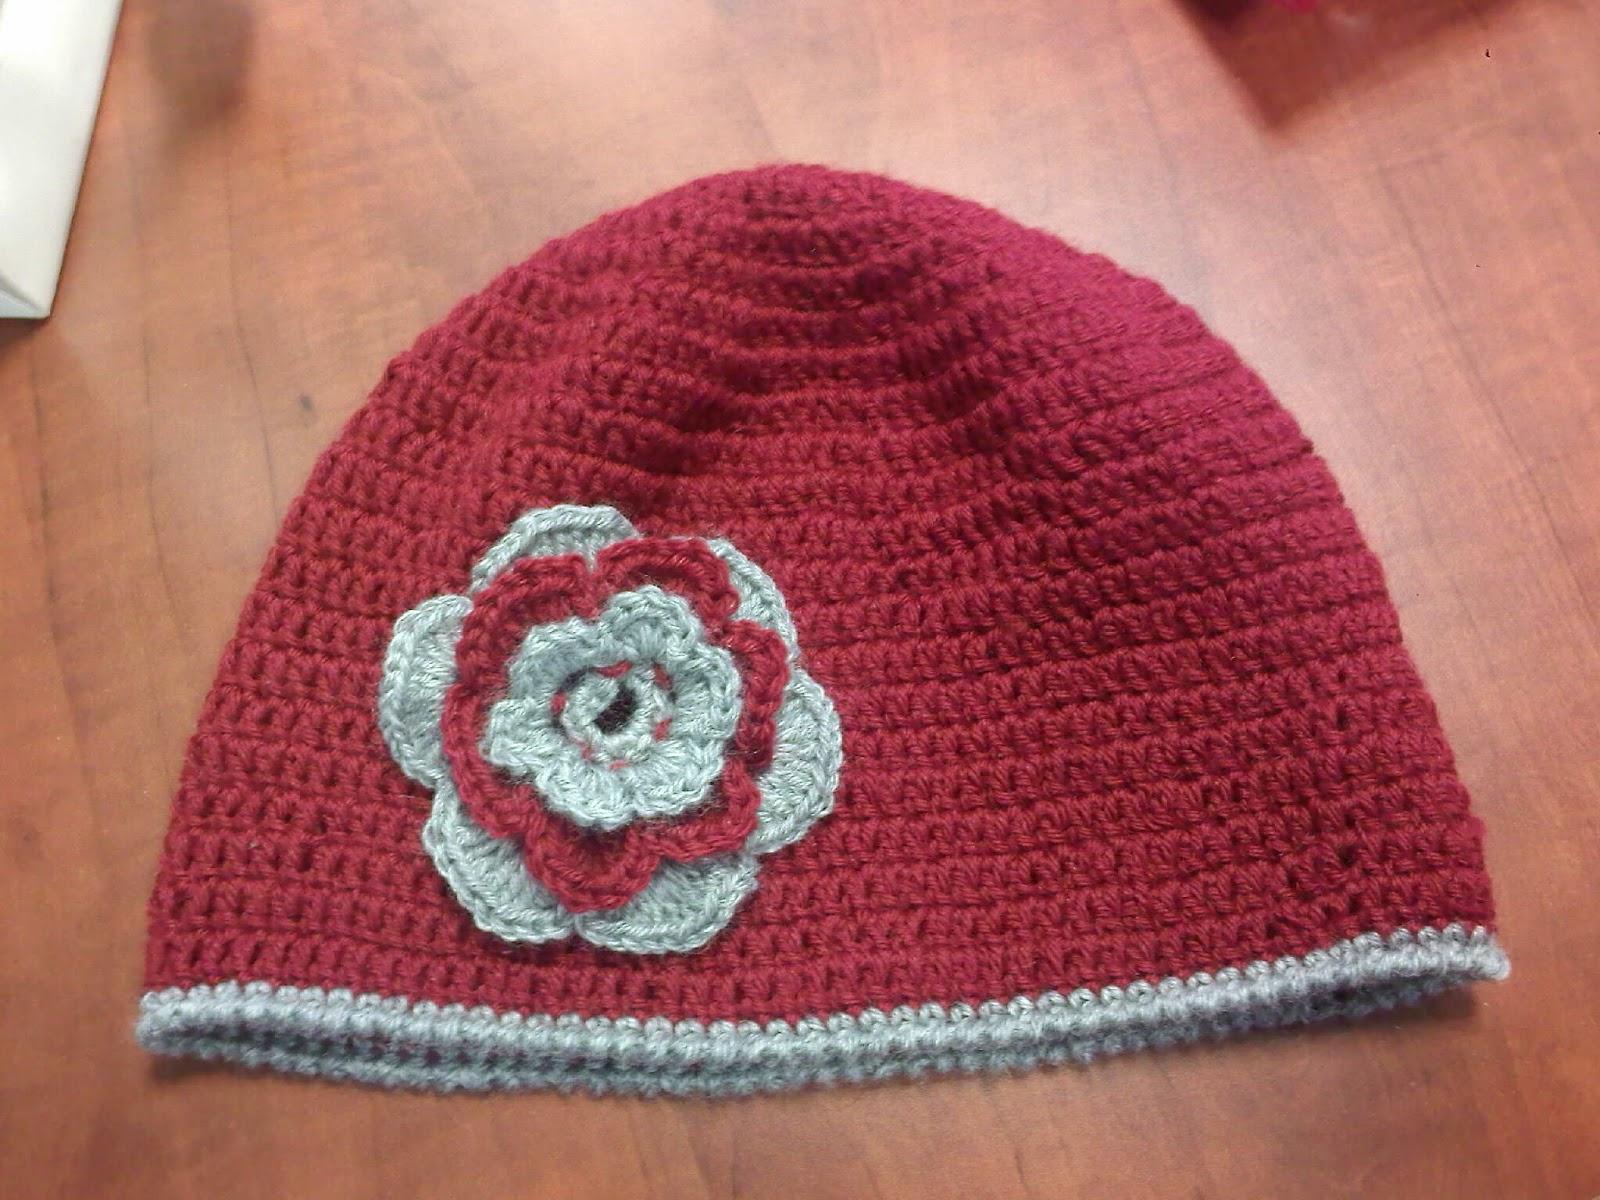 Mayores del Siglo XXI: Joyería y complementos en Crochet